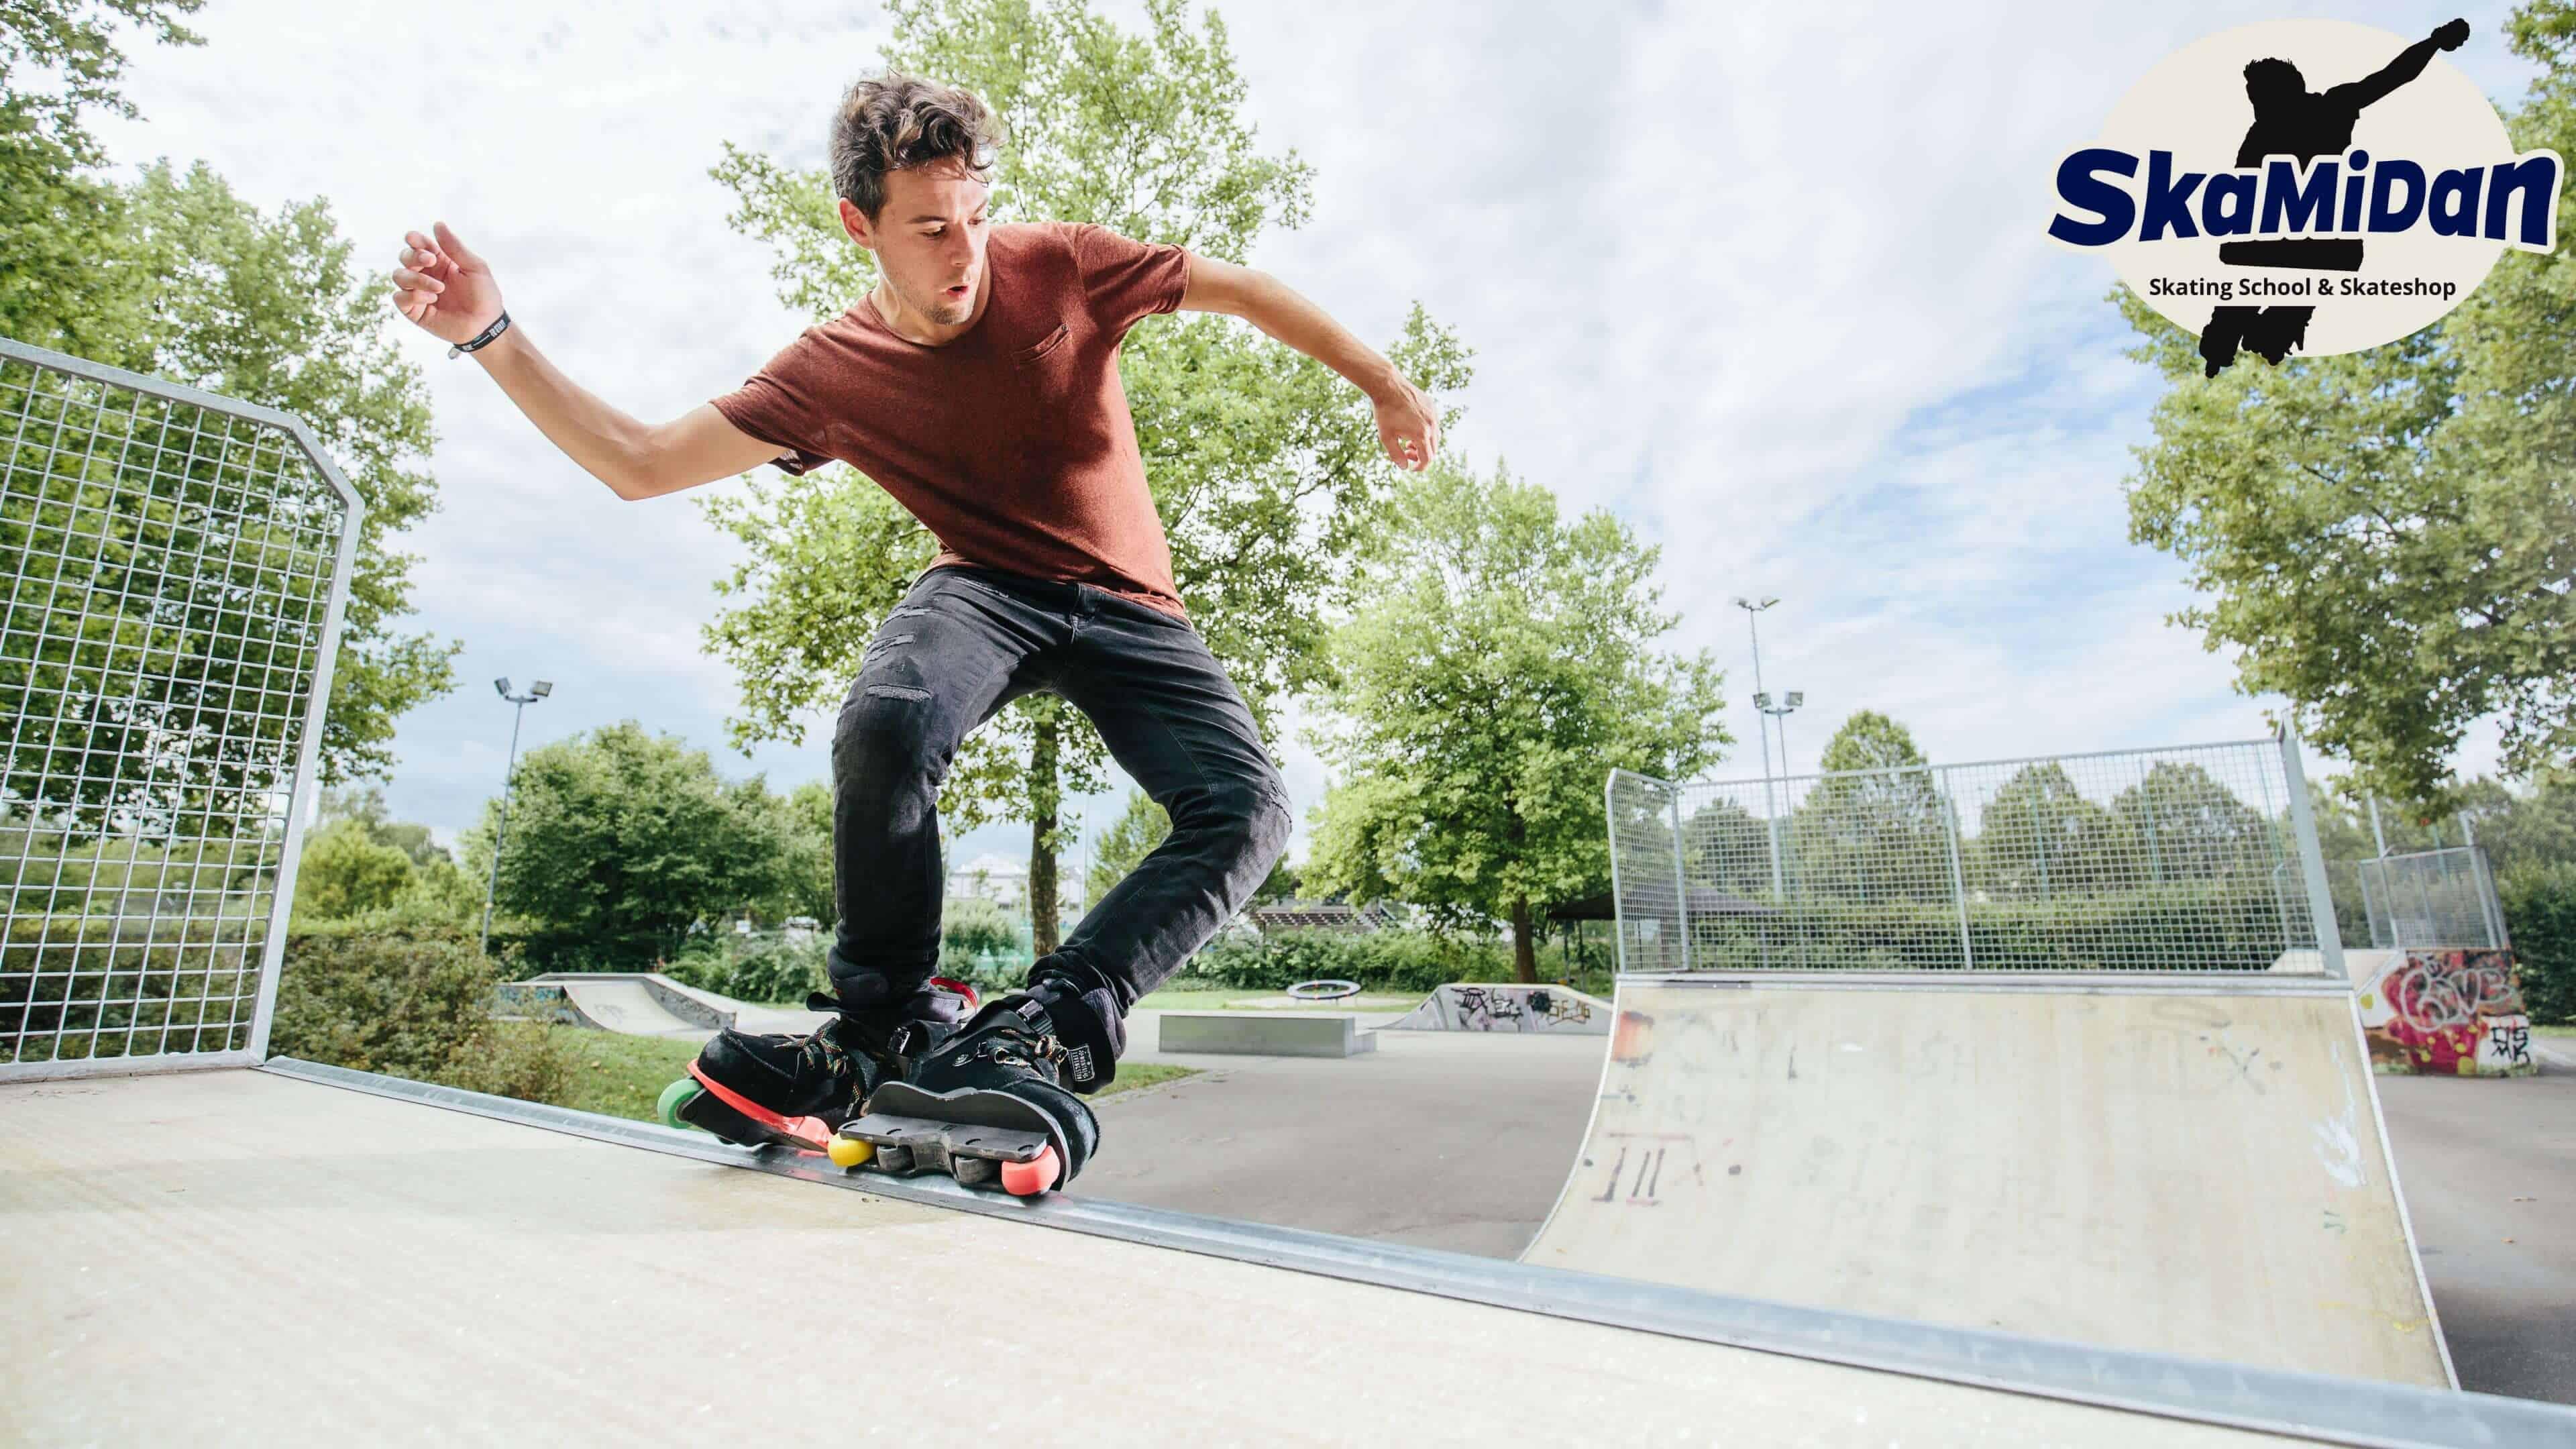 SkaMiDan Unternehmensgeschichte von SkaMiDan Skating School Skateshop Weil am Rhein Basel Lörrach Freiburg und Region Skateschule Inliner Skates Rollschuhe 2017